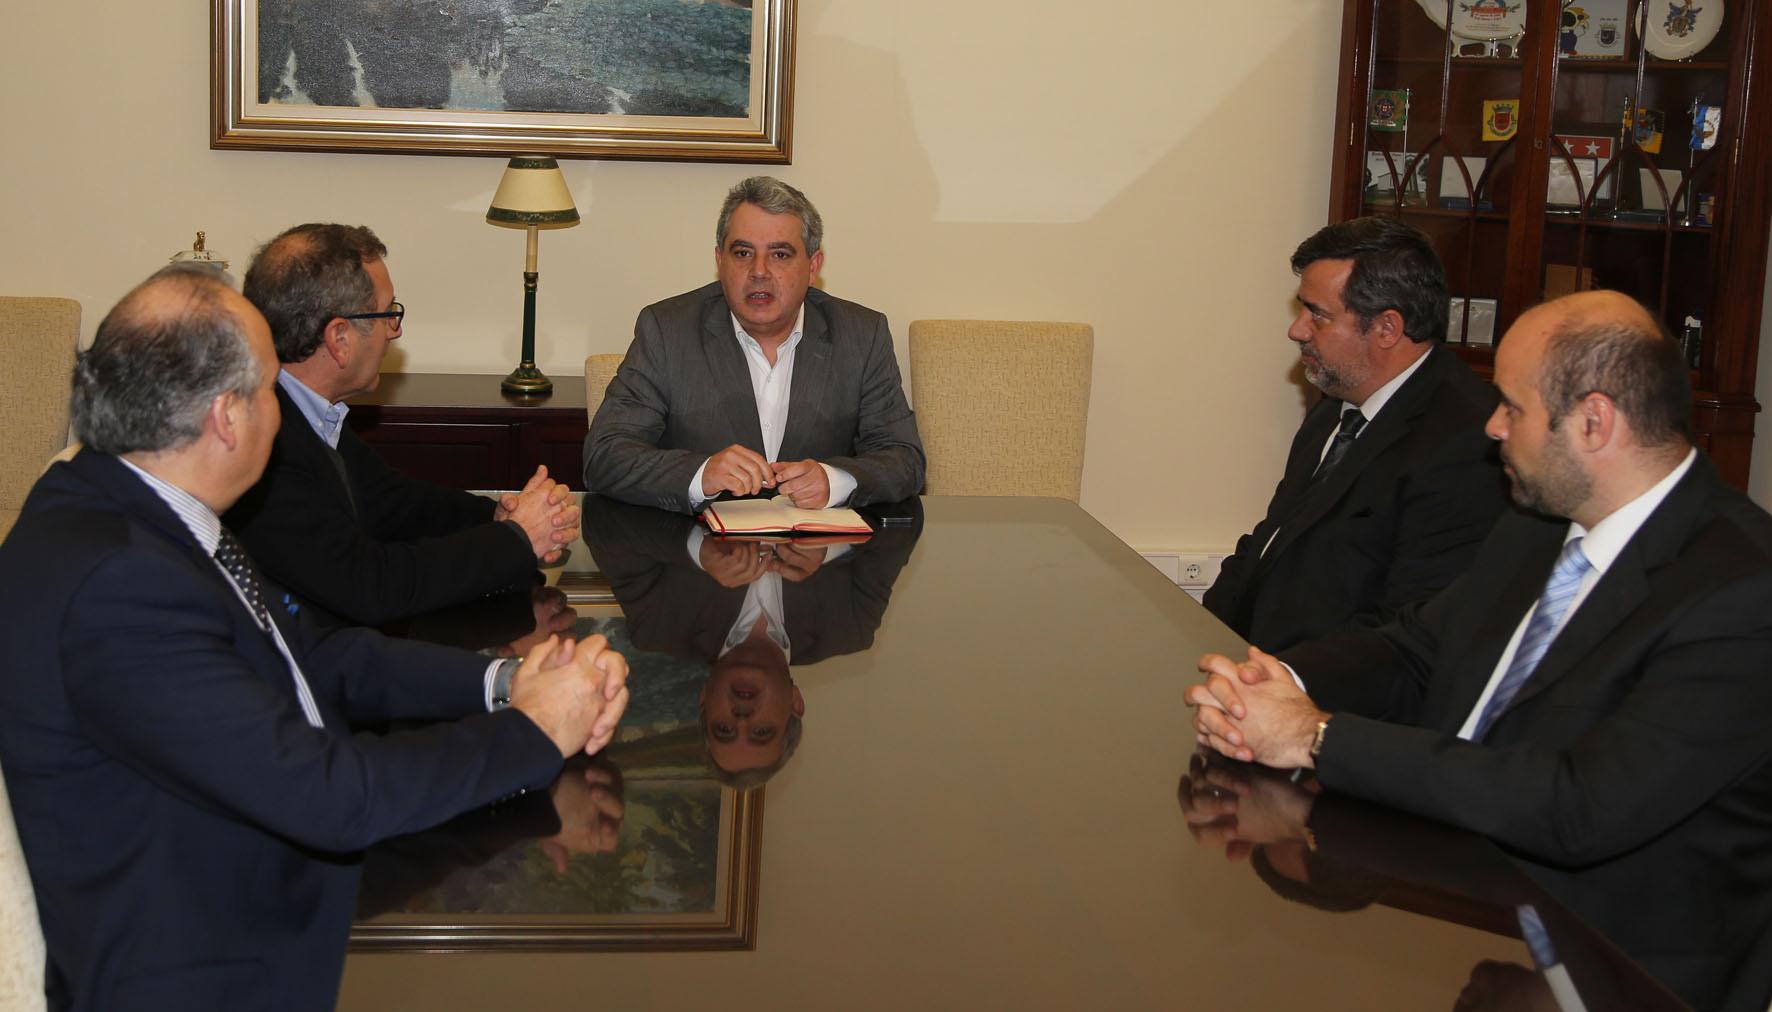 Sérgio Ávila satisfeito com a criação de 270 postos de trabalho na área da hotelaria